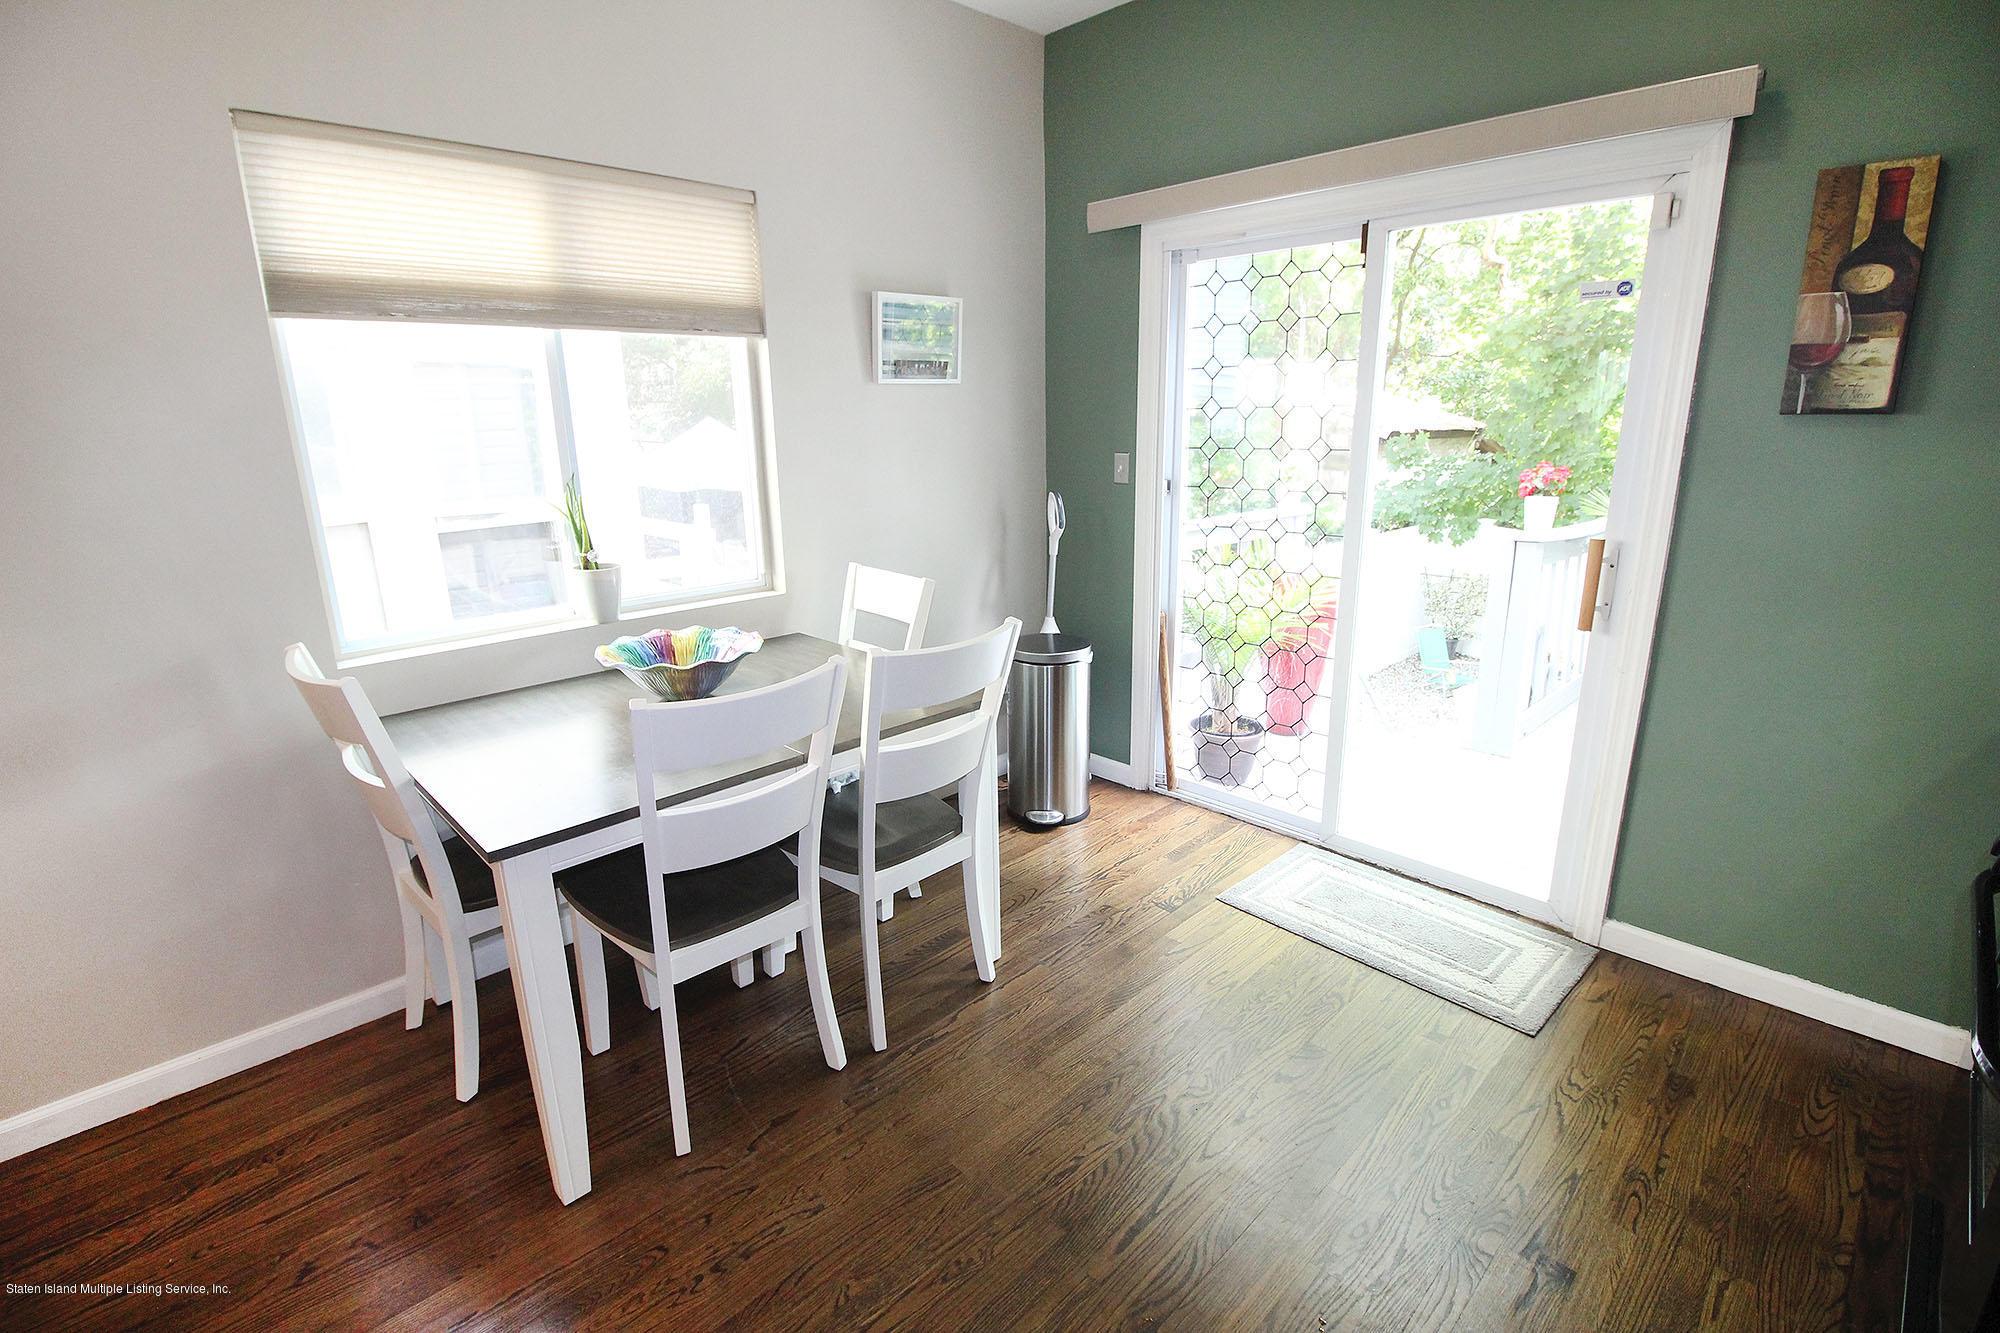 Single Family - Detached 218 Hamilton Avenue  Staten Island, NY 10301, MLS-1139850-8